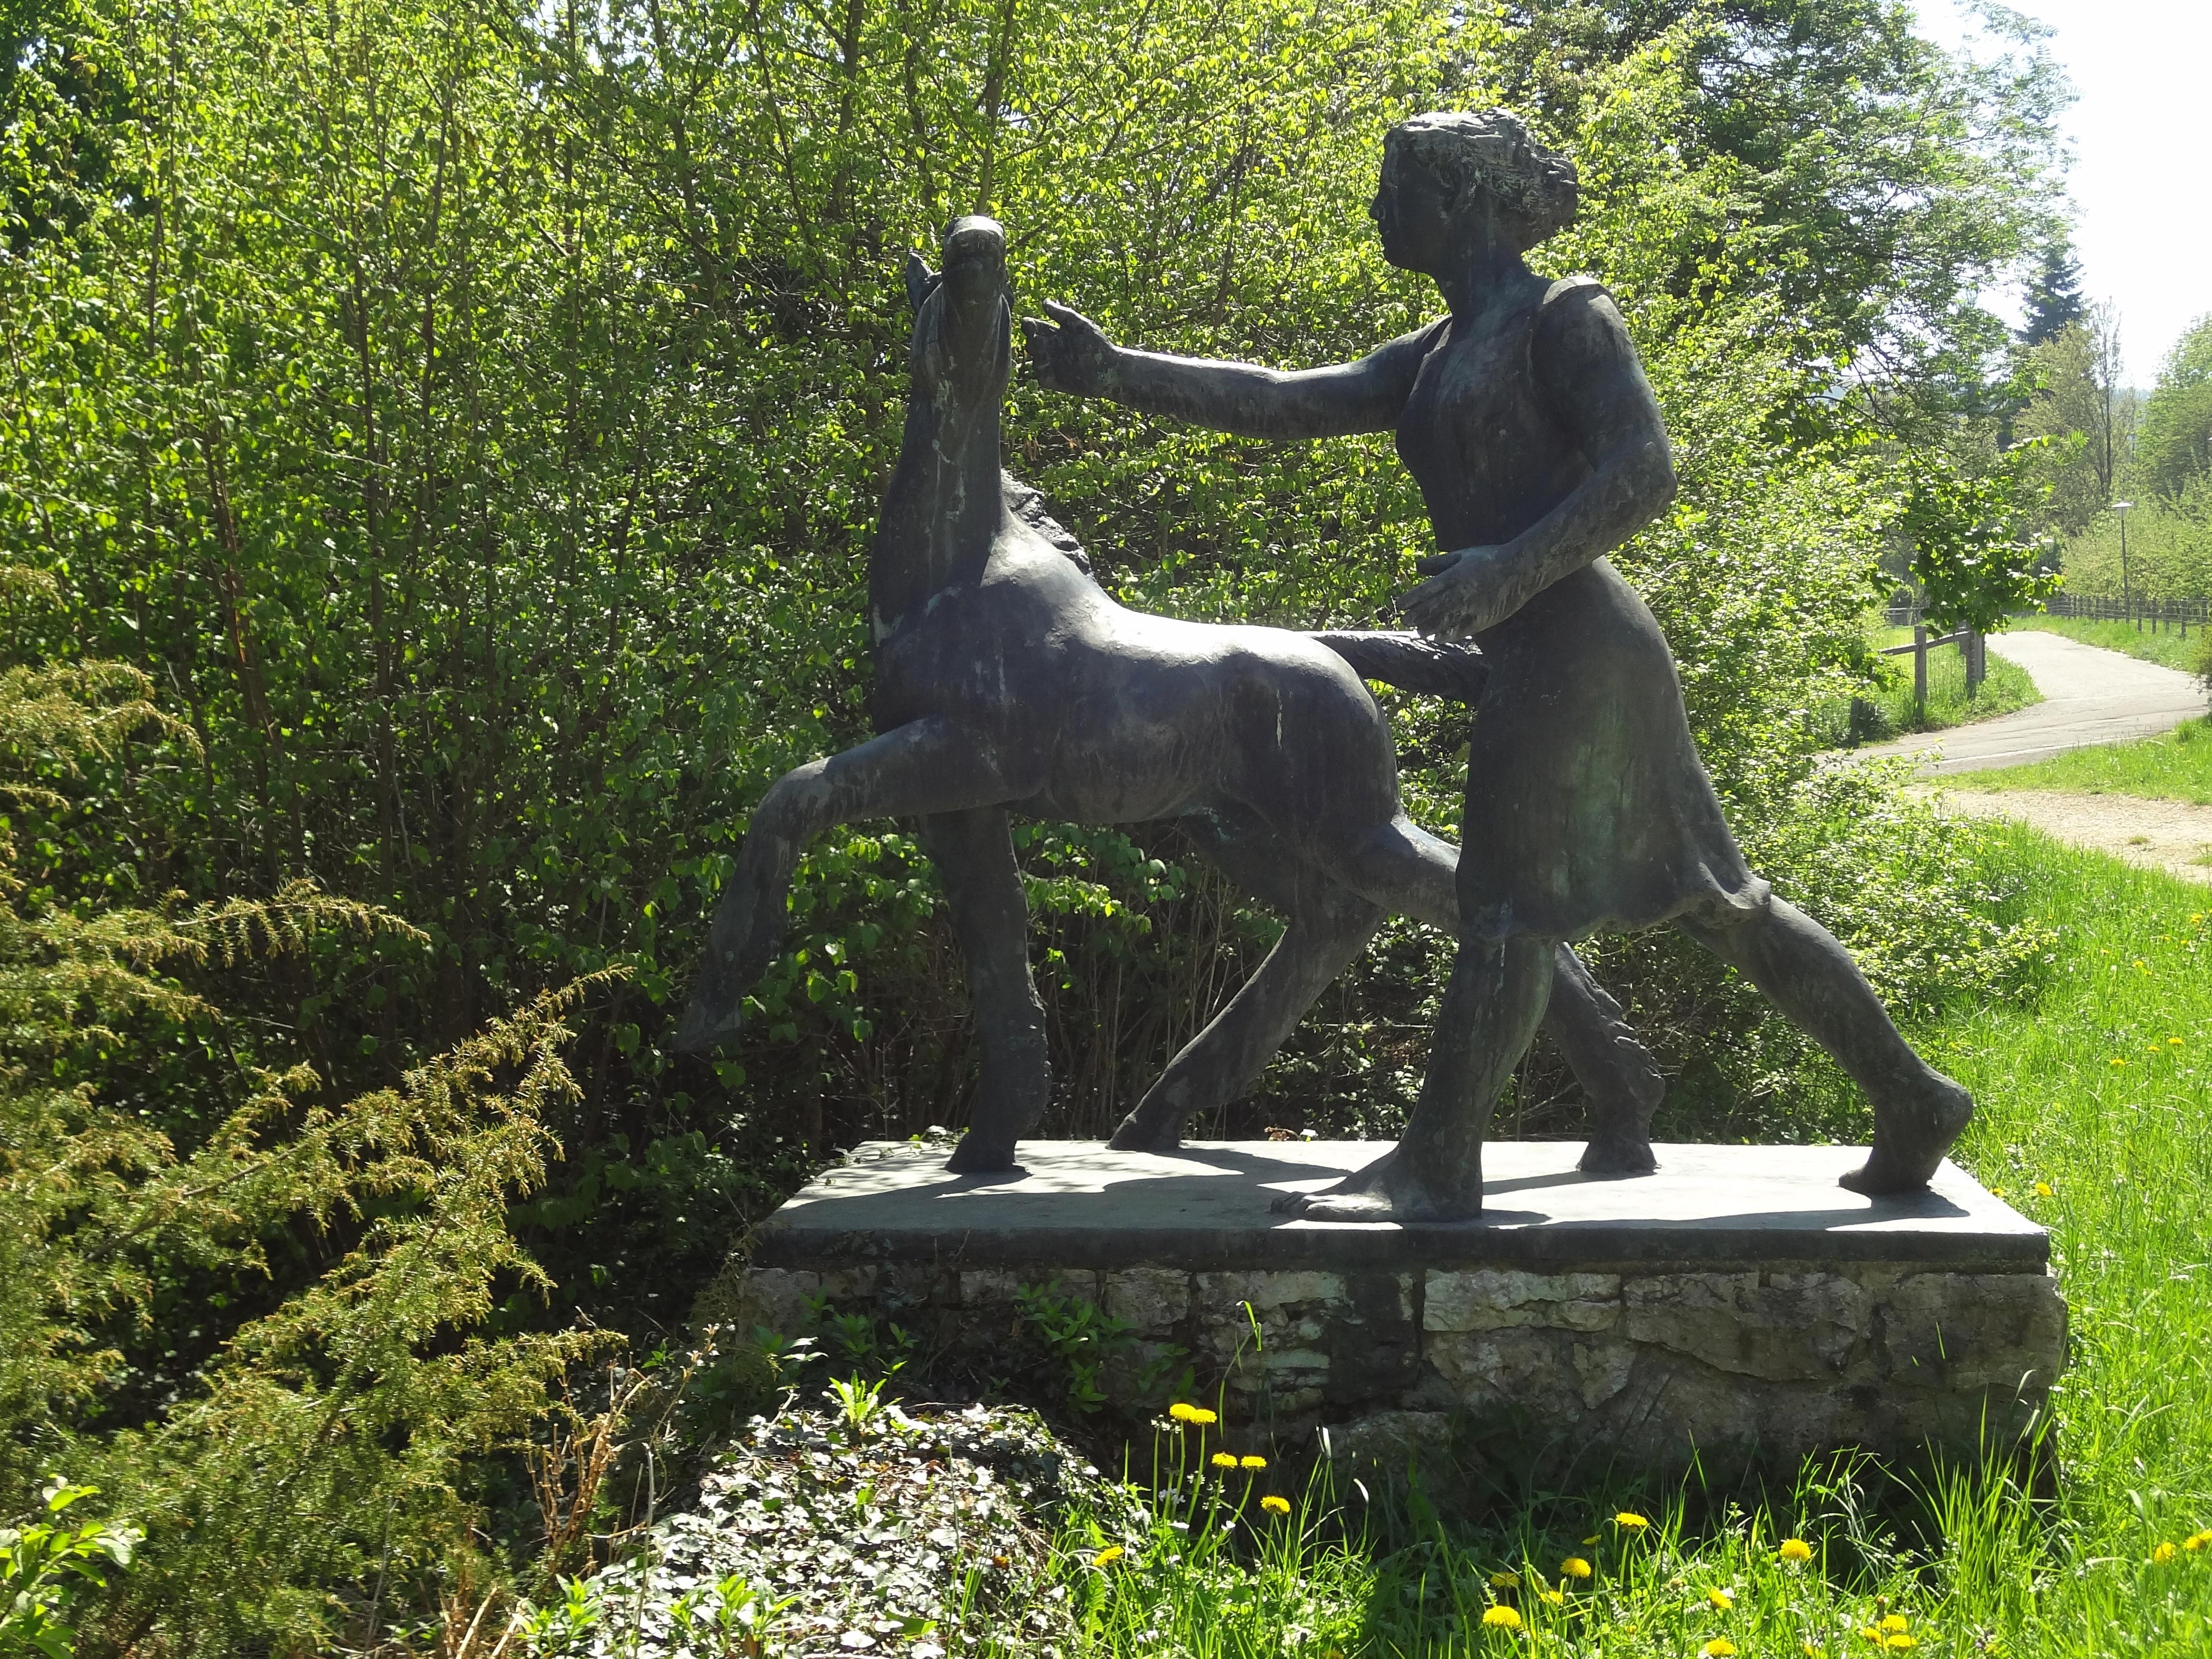 Junge Frau mit störrischem Pferd: Fritz Bürgins ironischer Kommentar zu Carl Burckhardts Amazonen-Plastik.